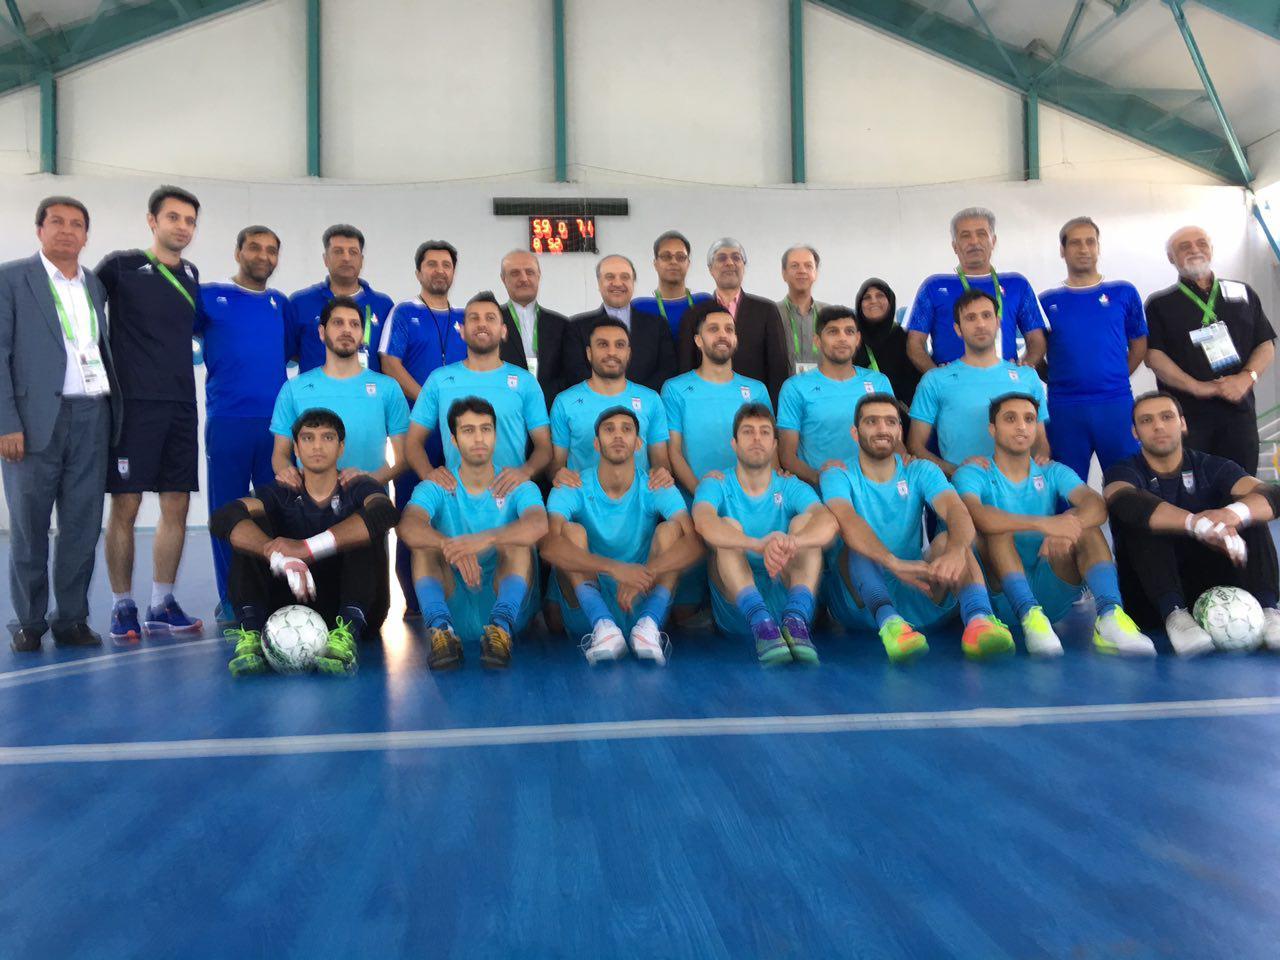 بازدید مسئولان ورزش کشورمان از تمرین تیم ملی فوتسال